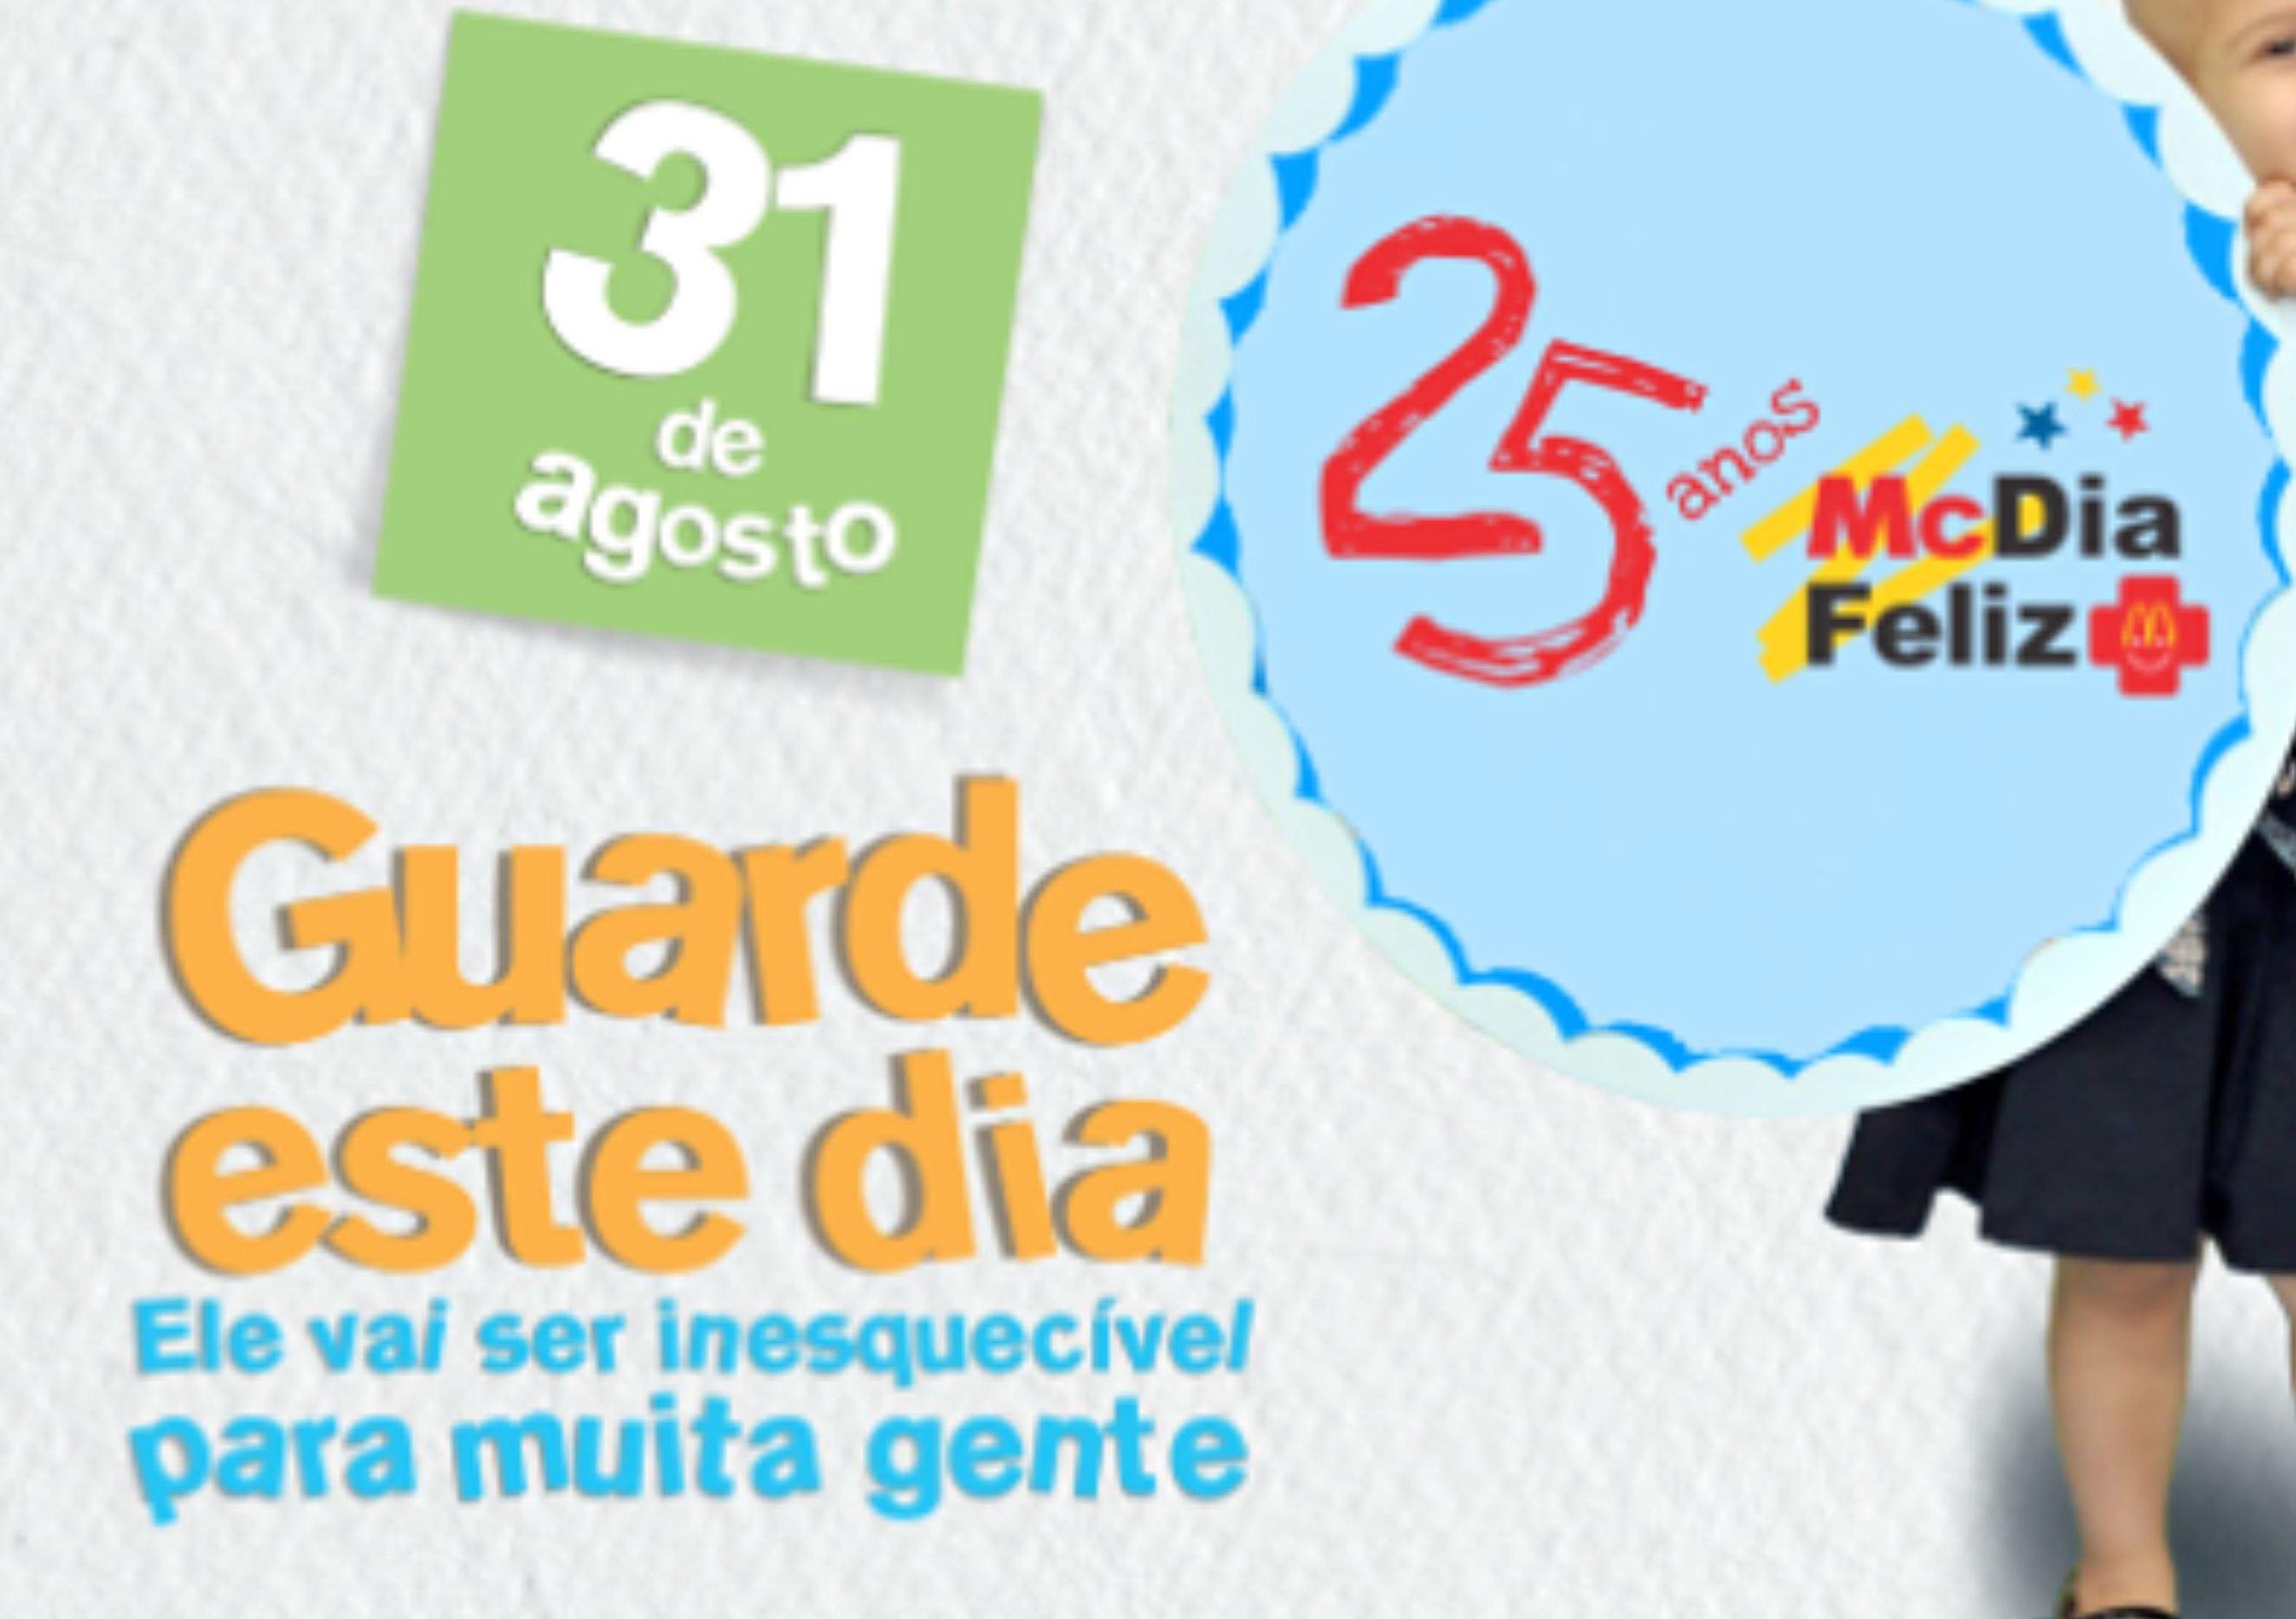 MC DIA FELIZ 2013